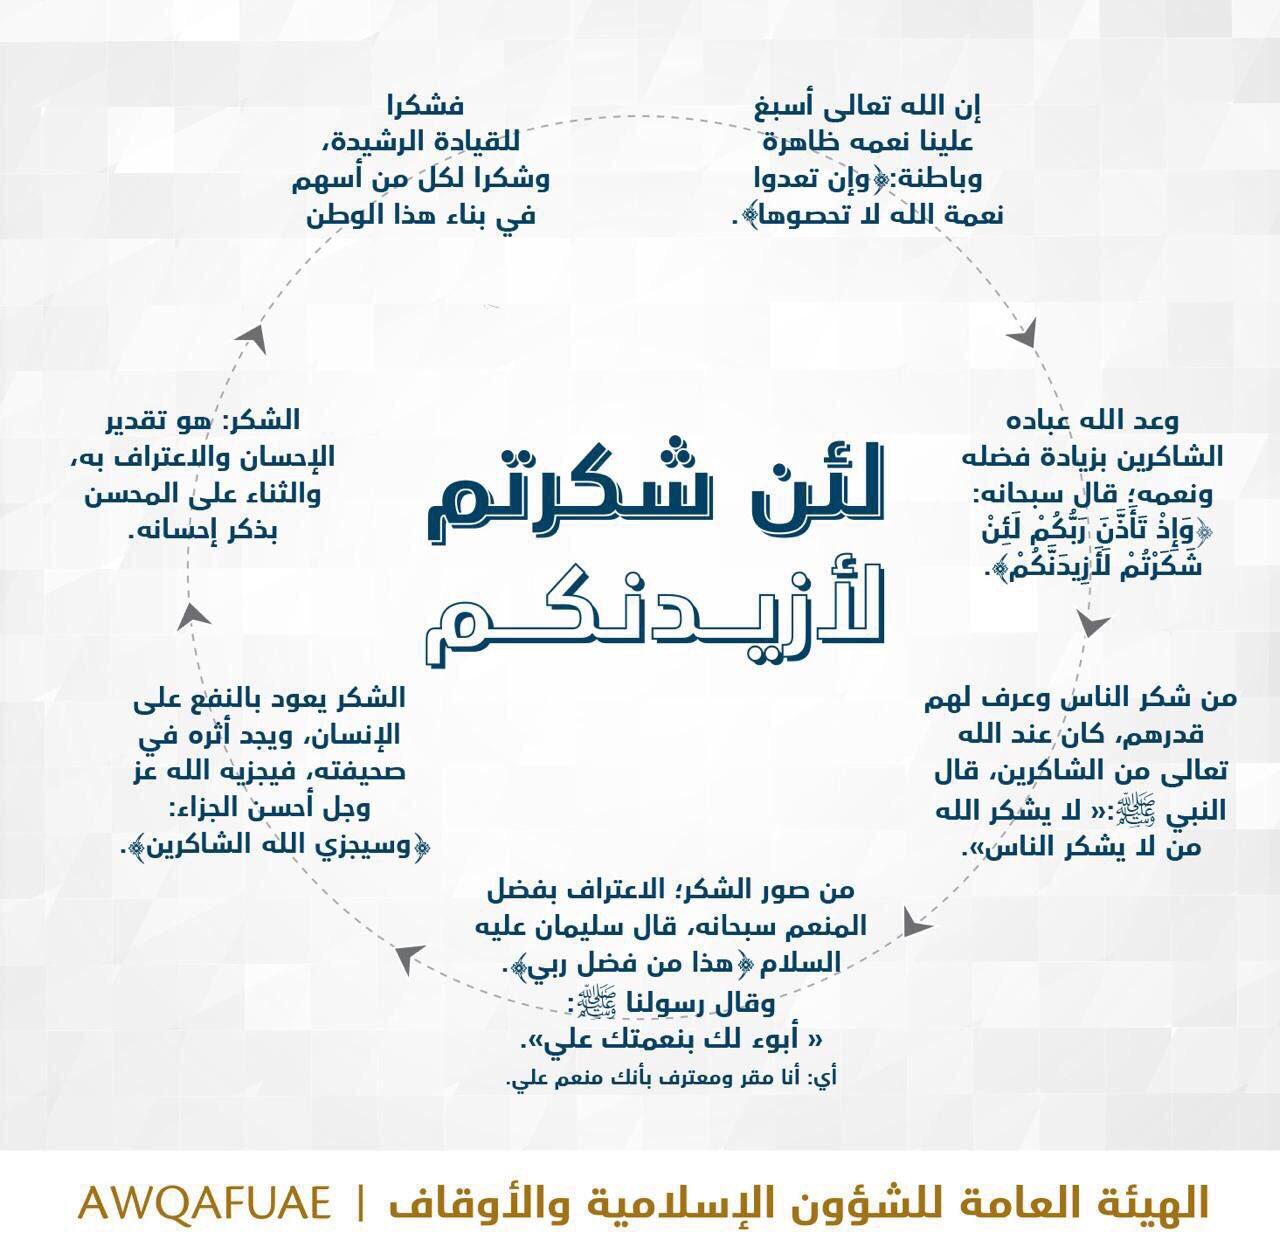 أوقاف امارات On Twitter خطبة الجمعة لئن شكرتم لأزيدنكم أوقاف إمارات Awqafuae خطبة الجمعة